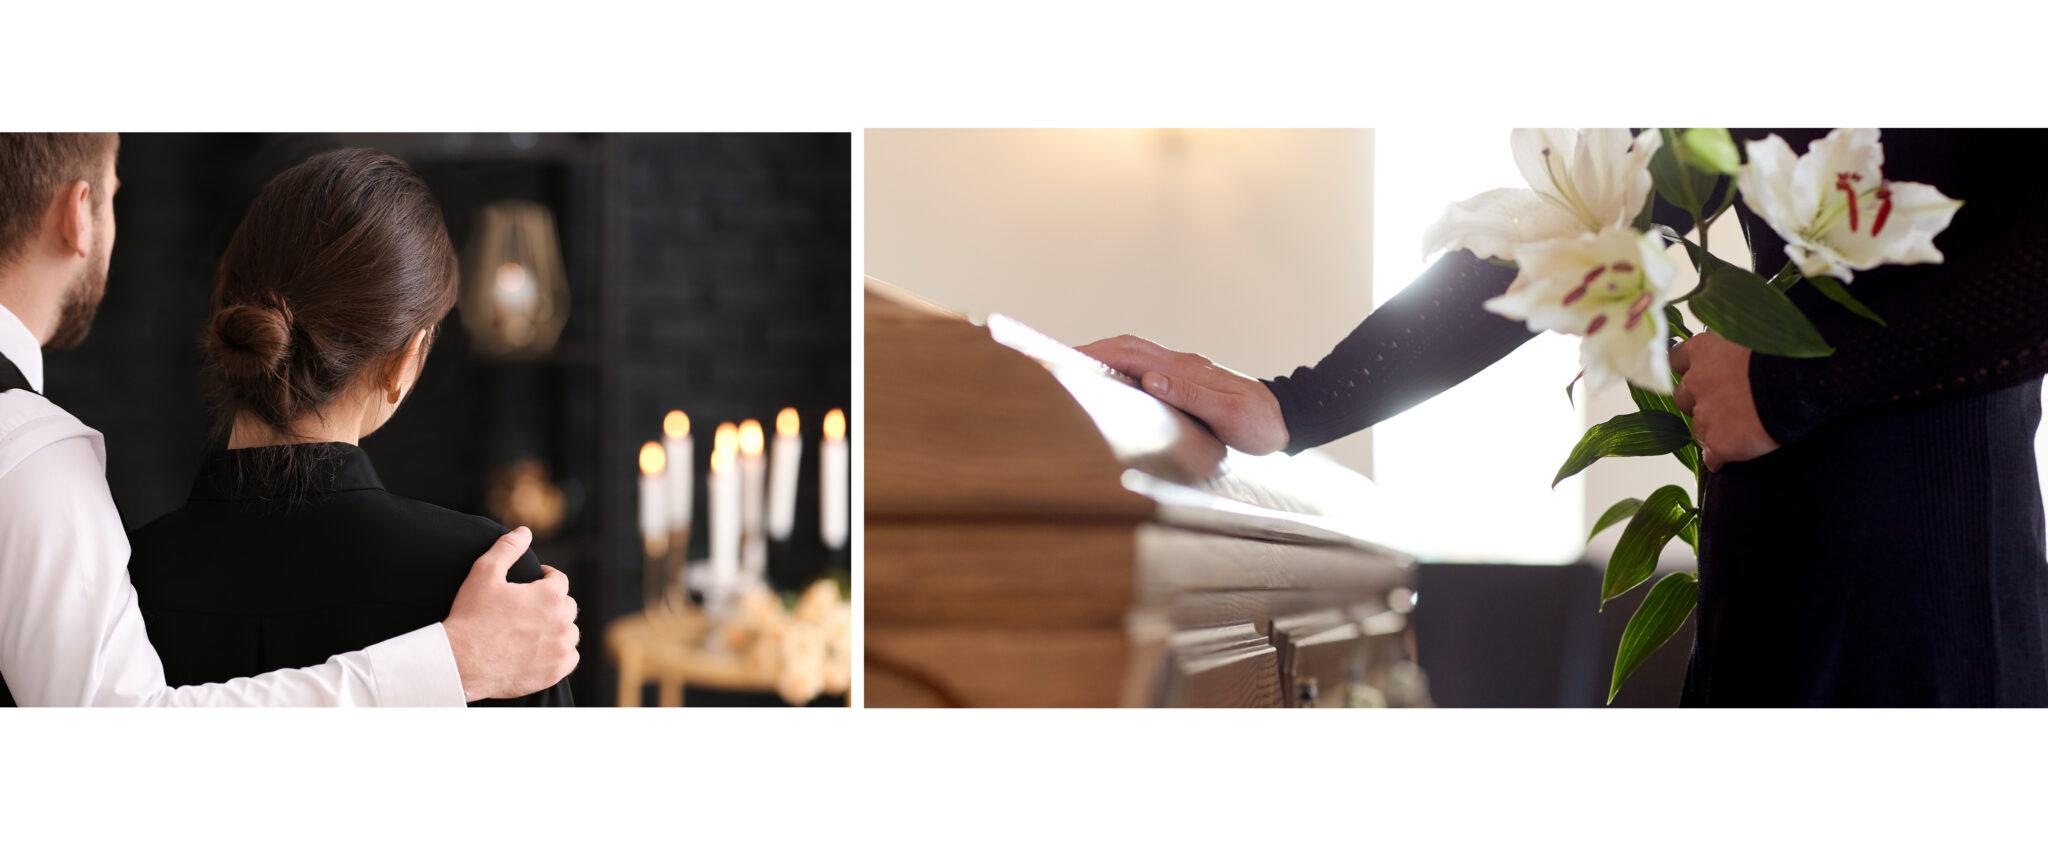 Livestream begravning Stockholm